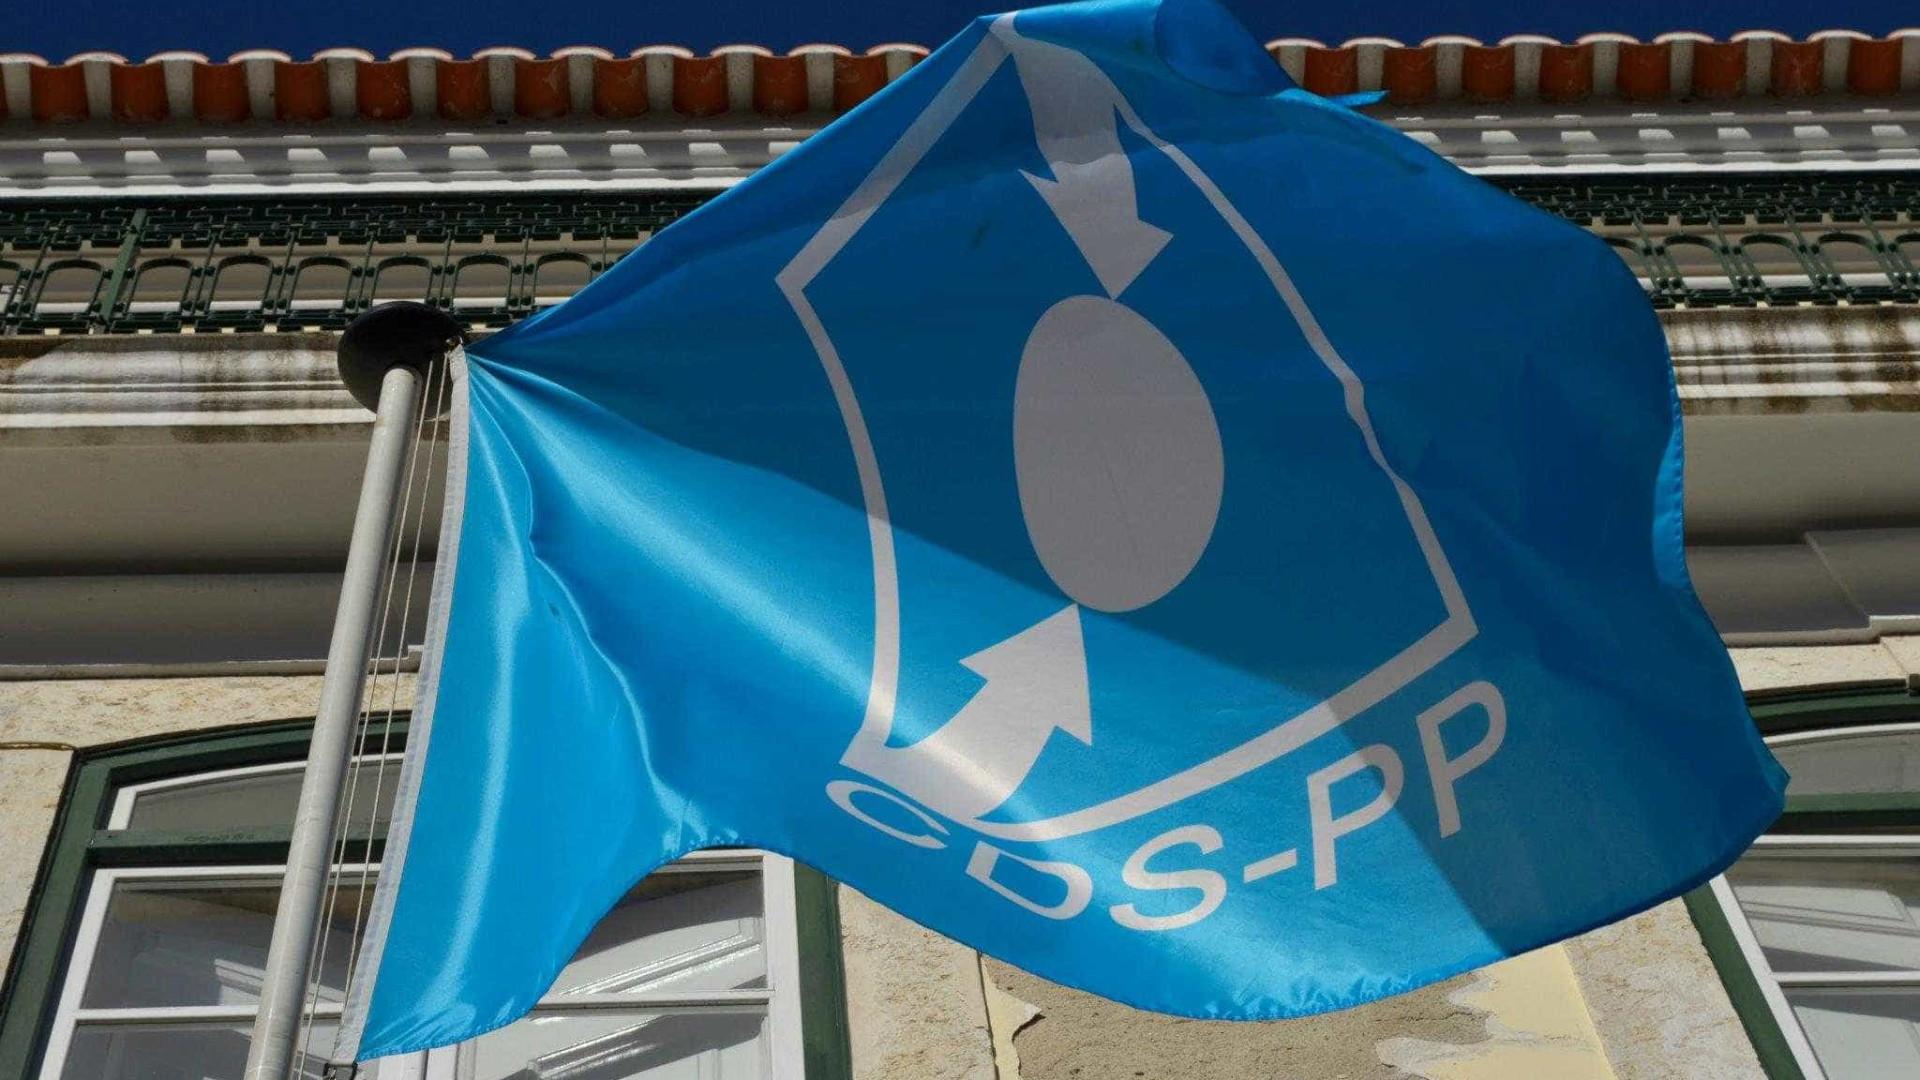 Jornadas parlamentares do CDS-PP arrancam hoje em Viana do Castelo